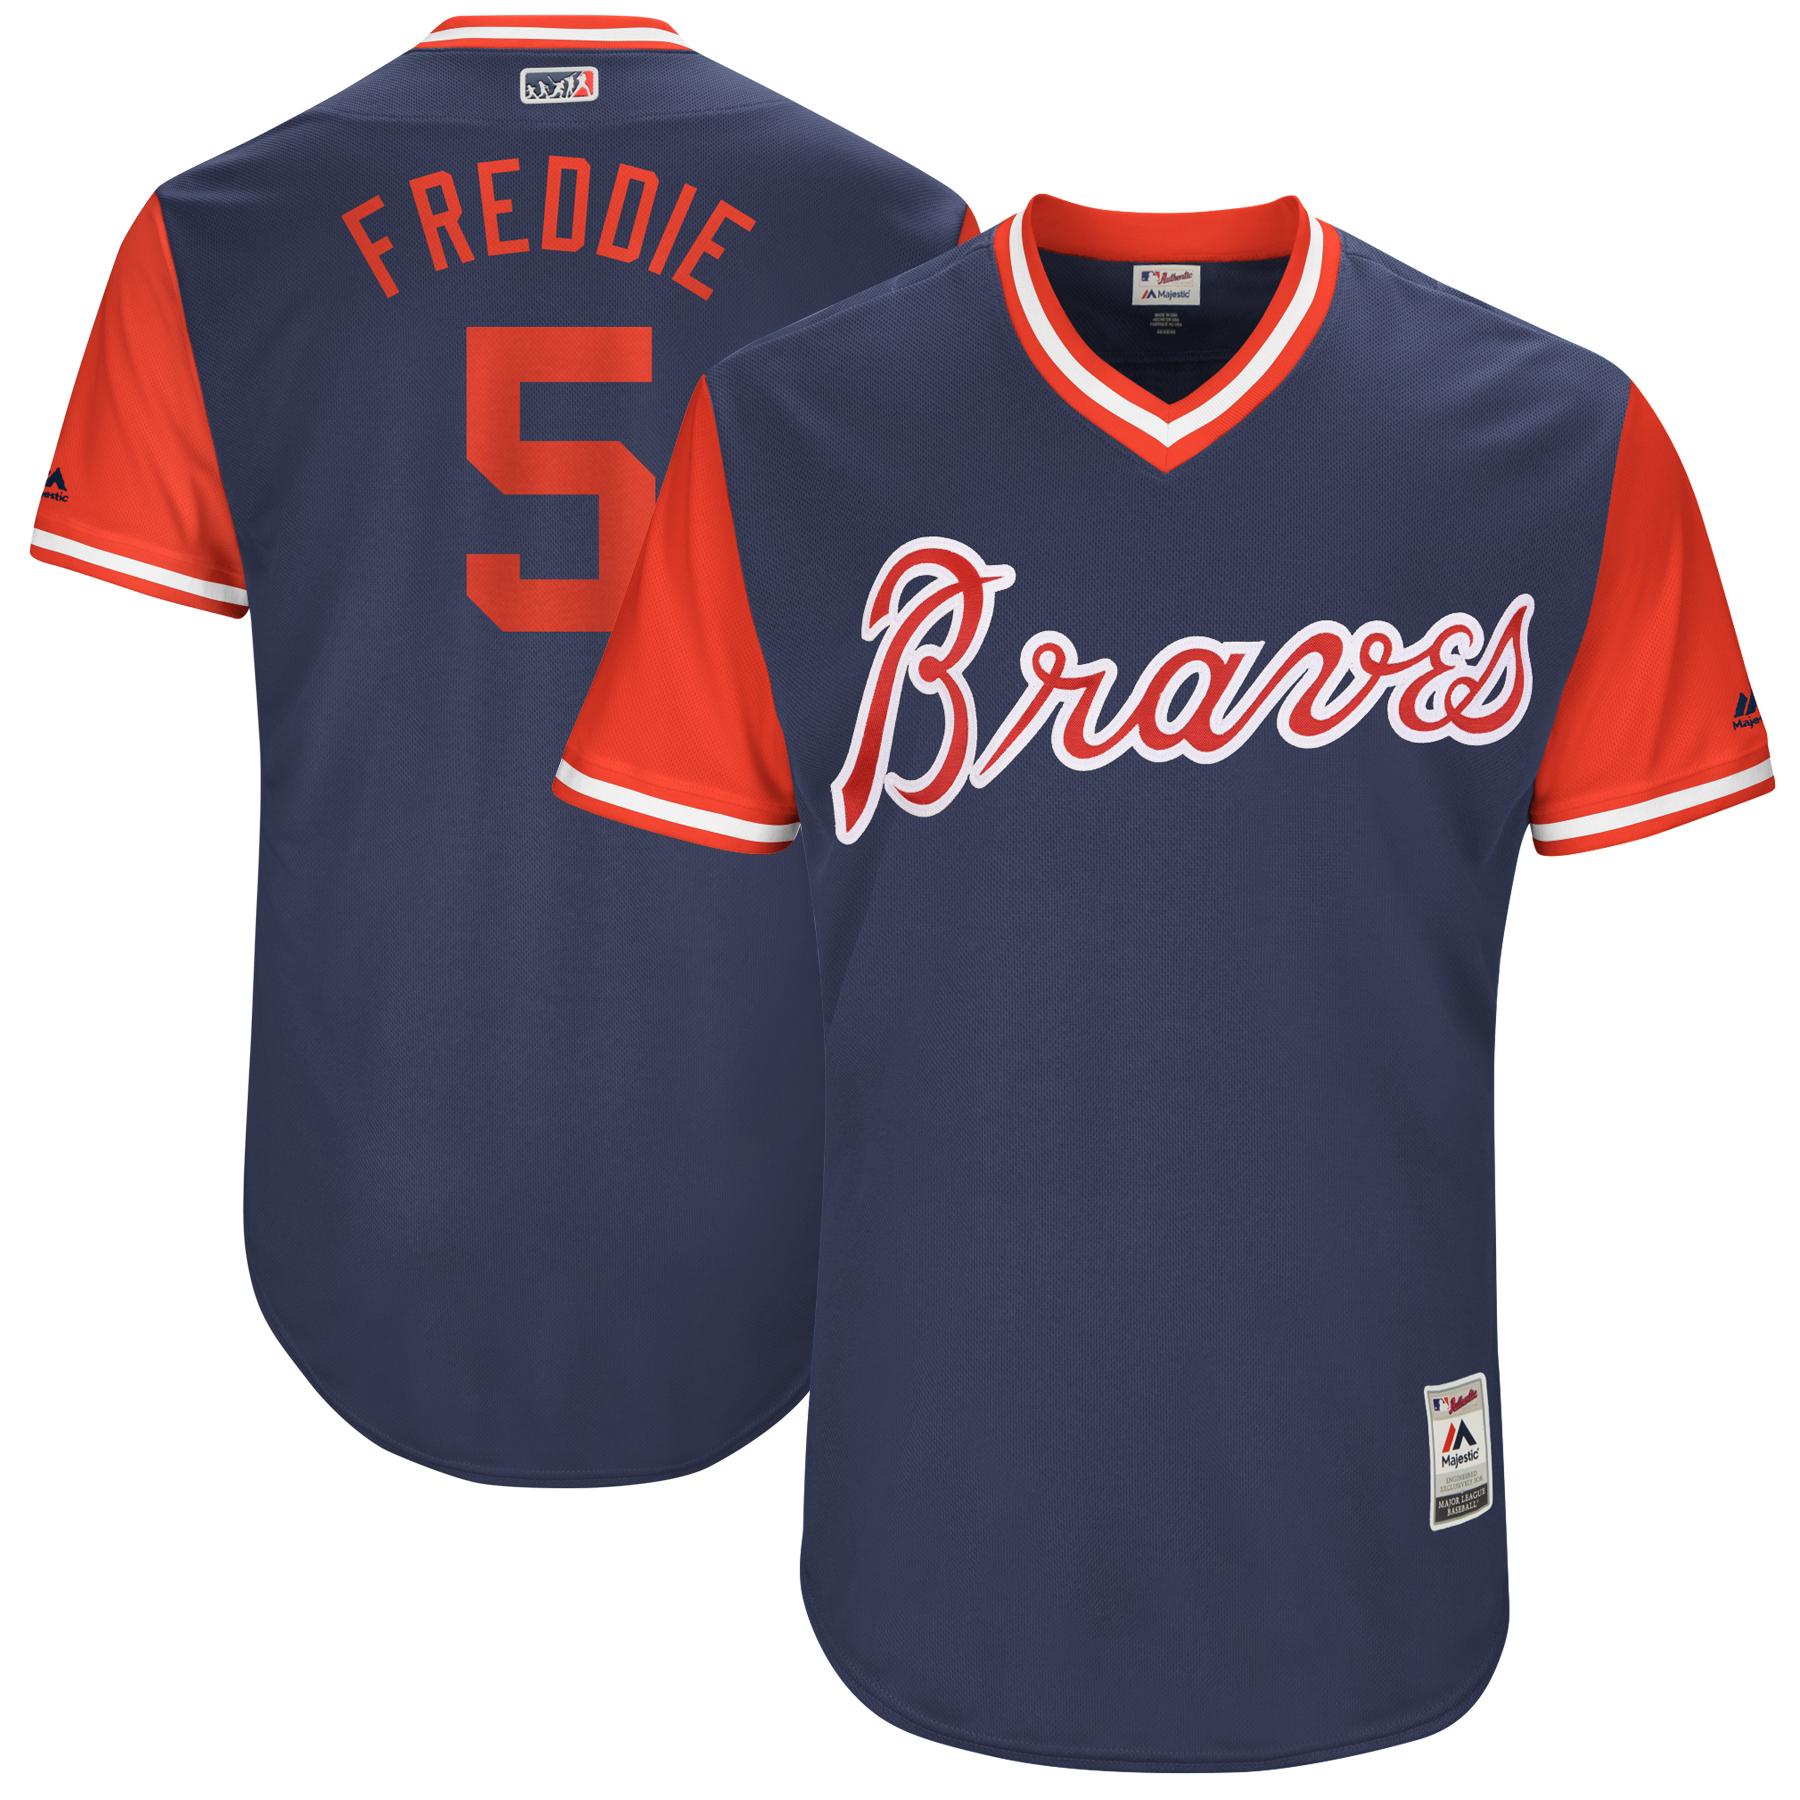 """Freddie Freeman """"Freddie"""" Atlanta Braves Majestic 2017 Players Weekend Authentic Jersey - Navy"""